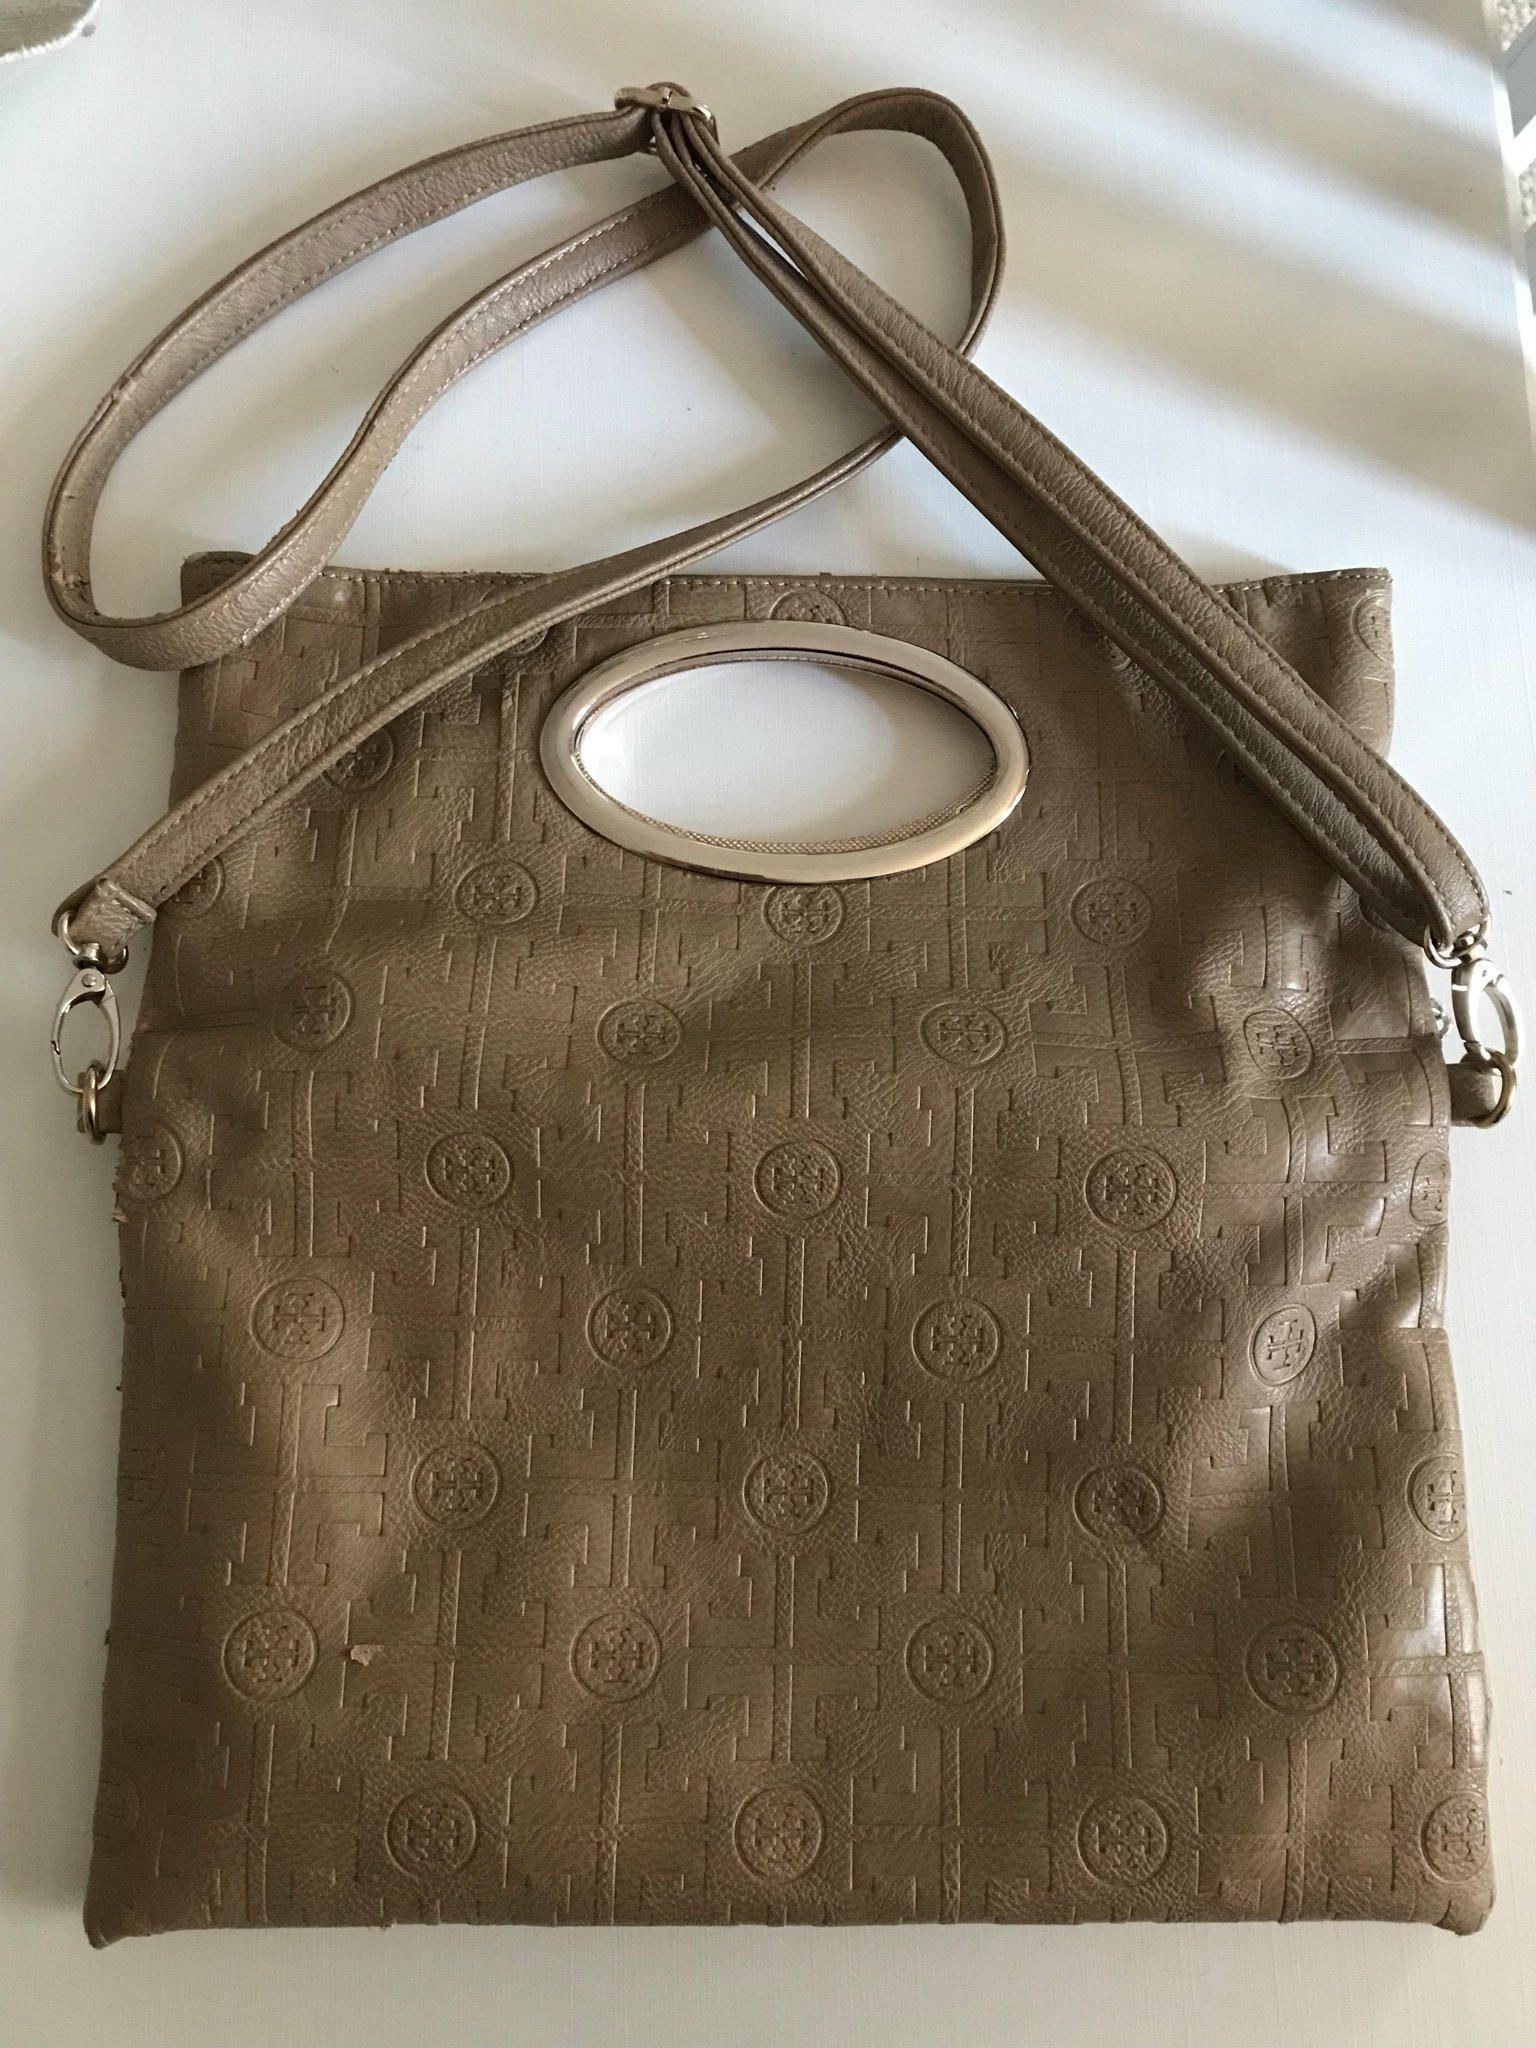 Snygg väska (423575198) ᐈ MinnasVärld på Tradera